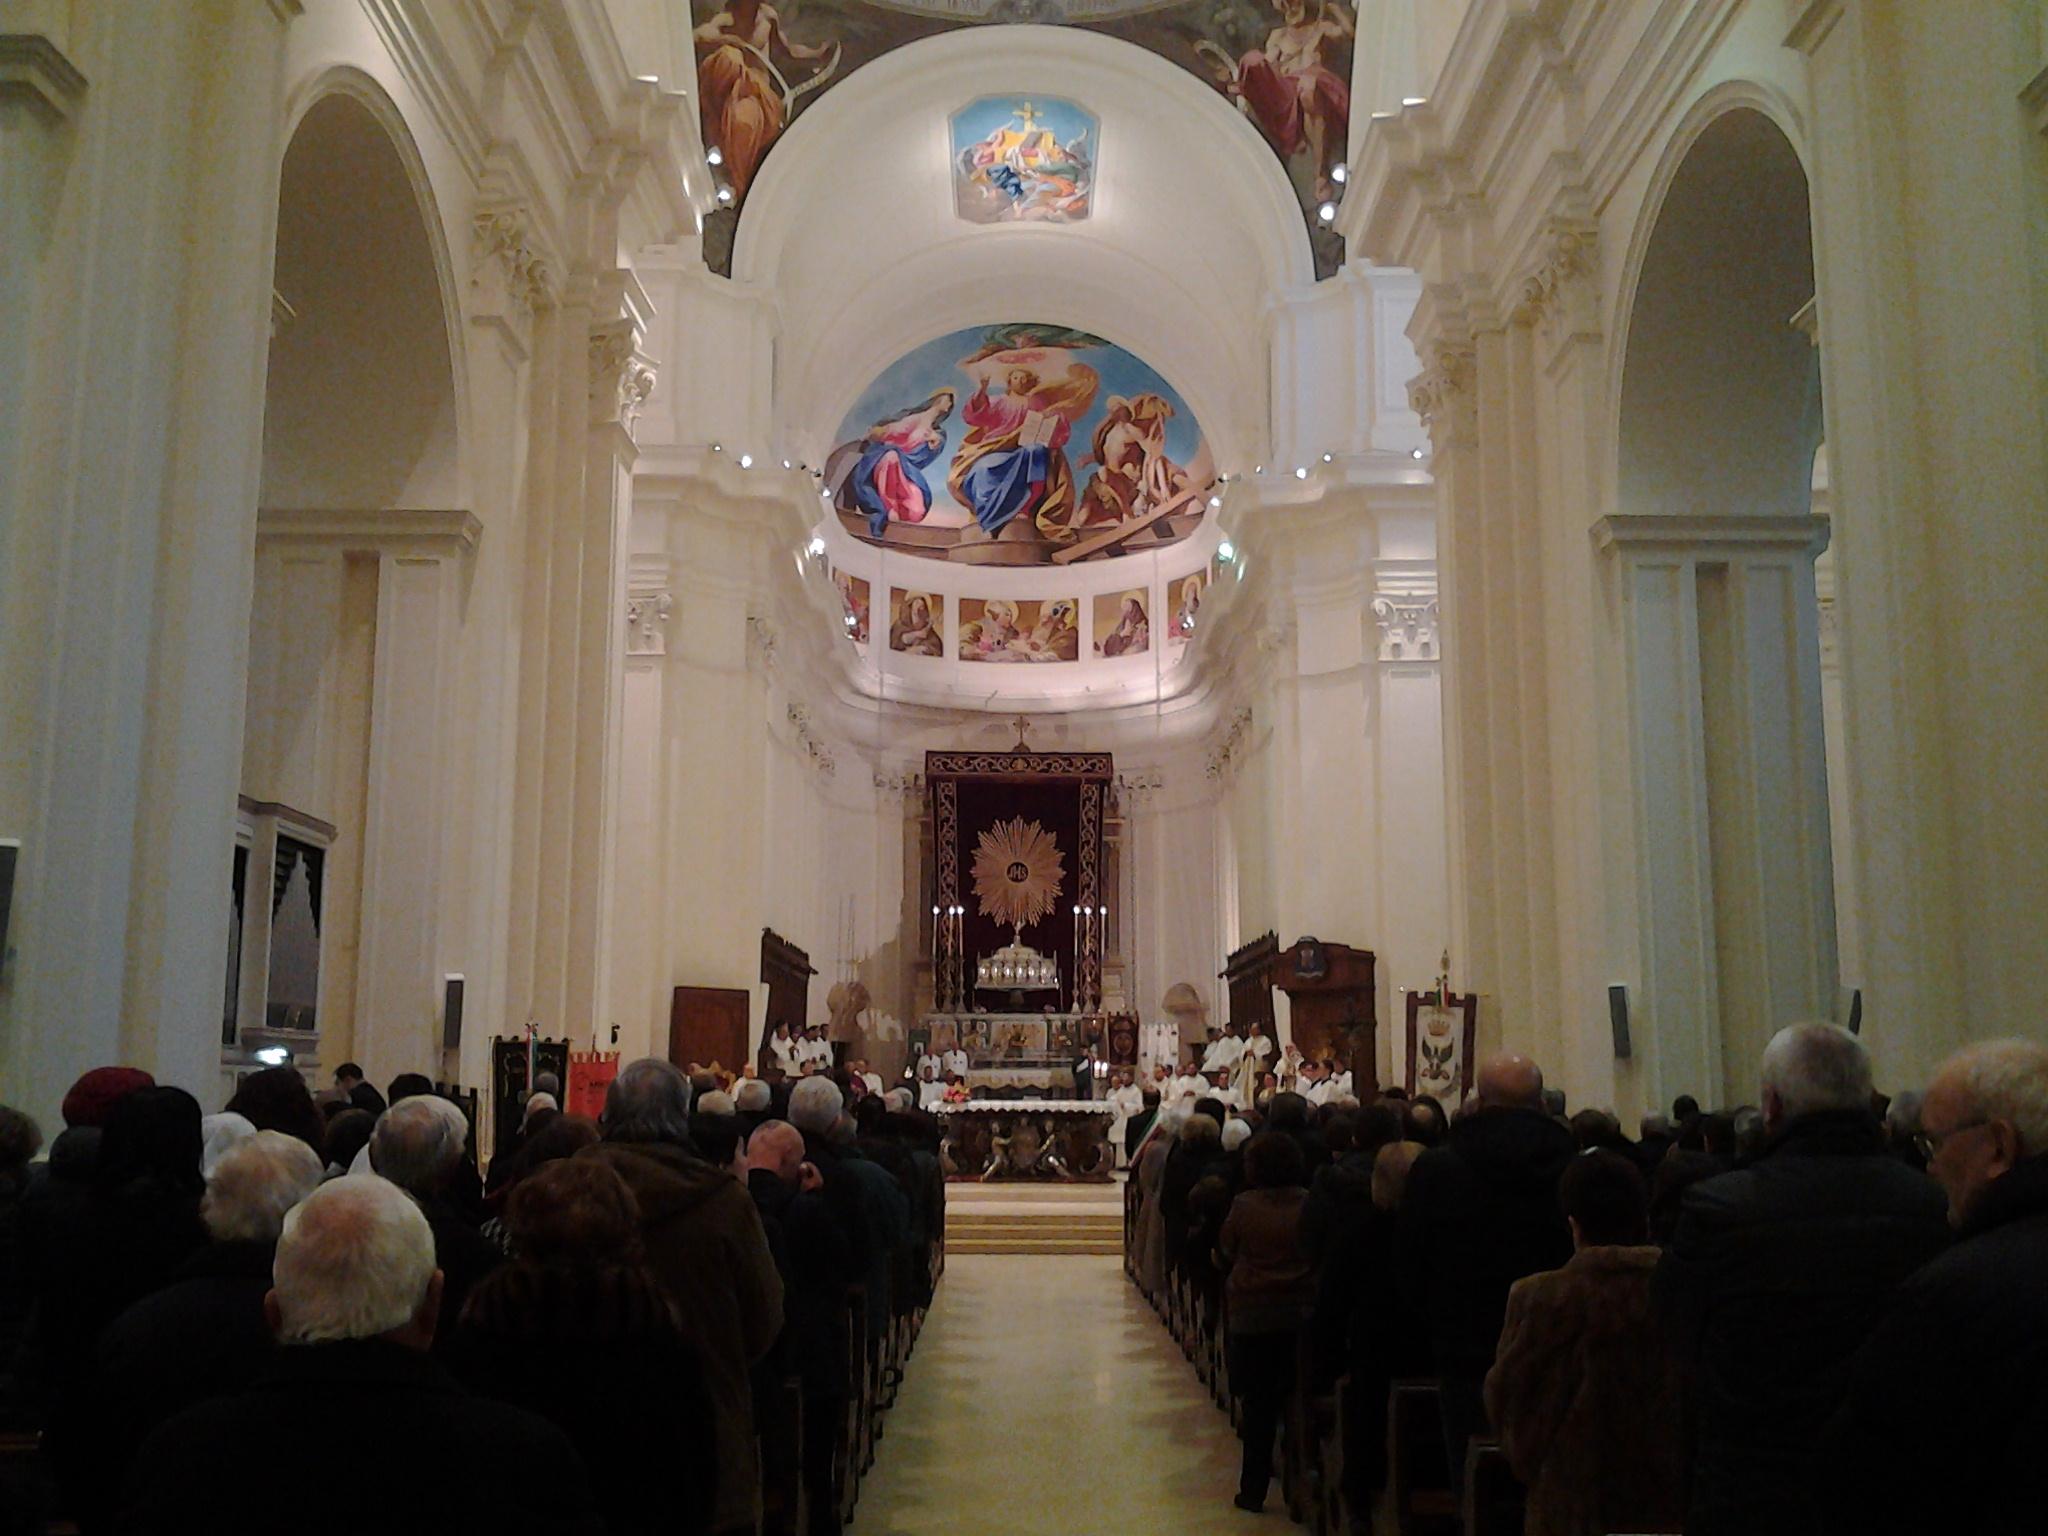 Nessuna festa di San Corrado per rispetto della tragedia che ha colpito le famiglie di Manuel e Gabriele